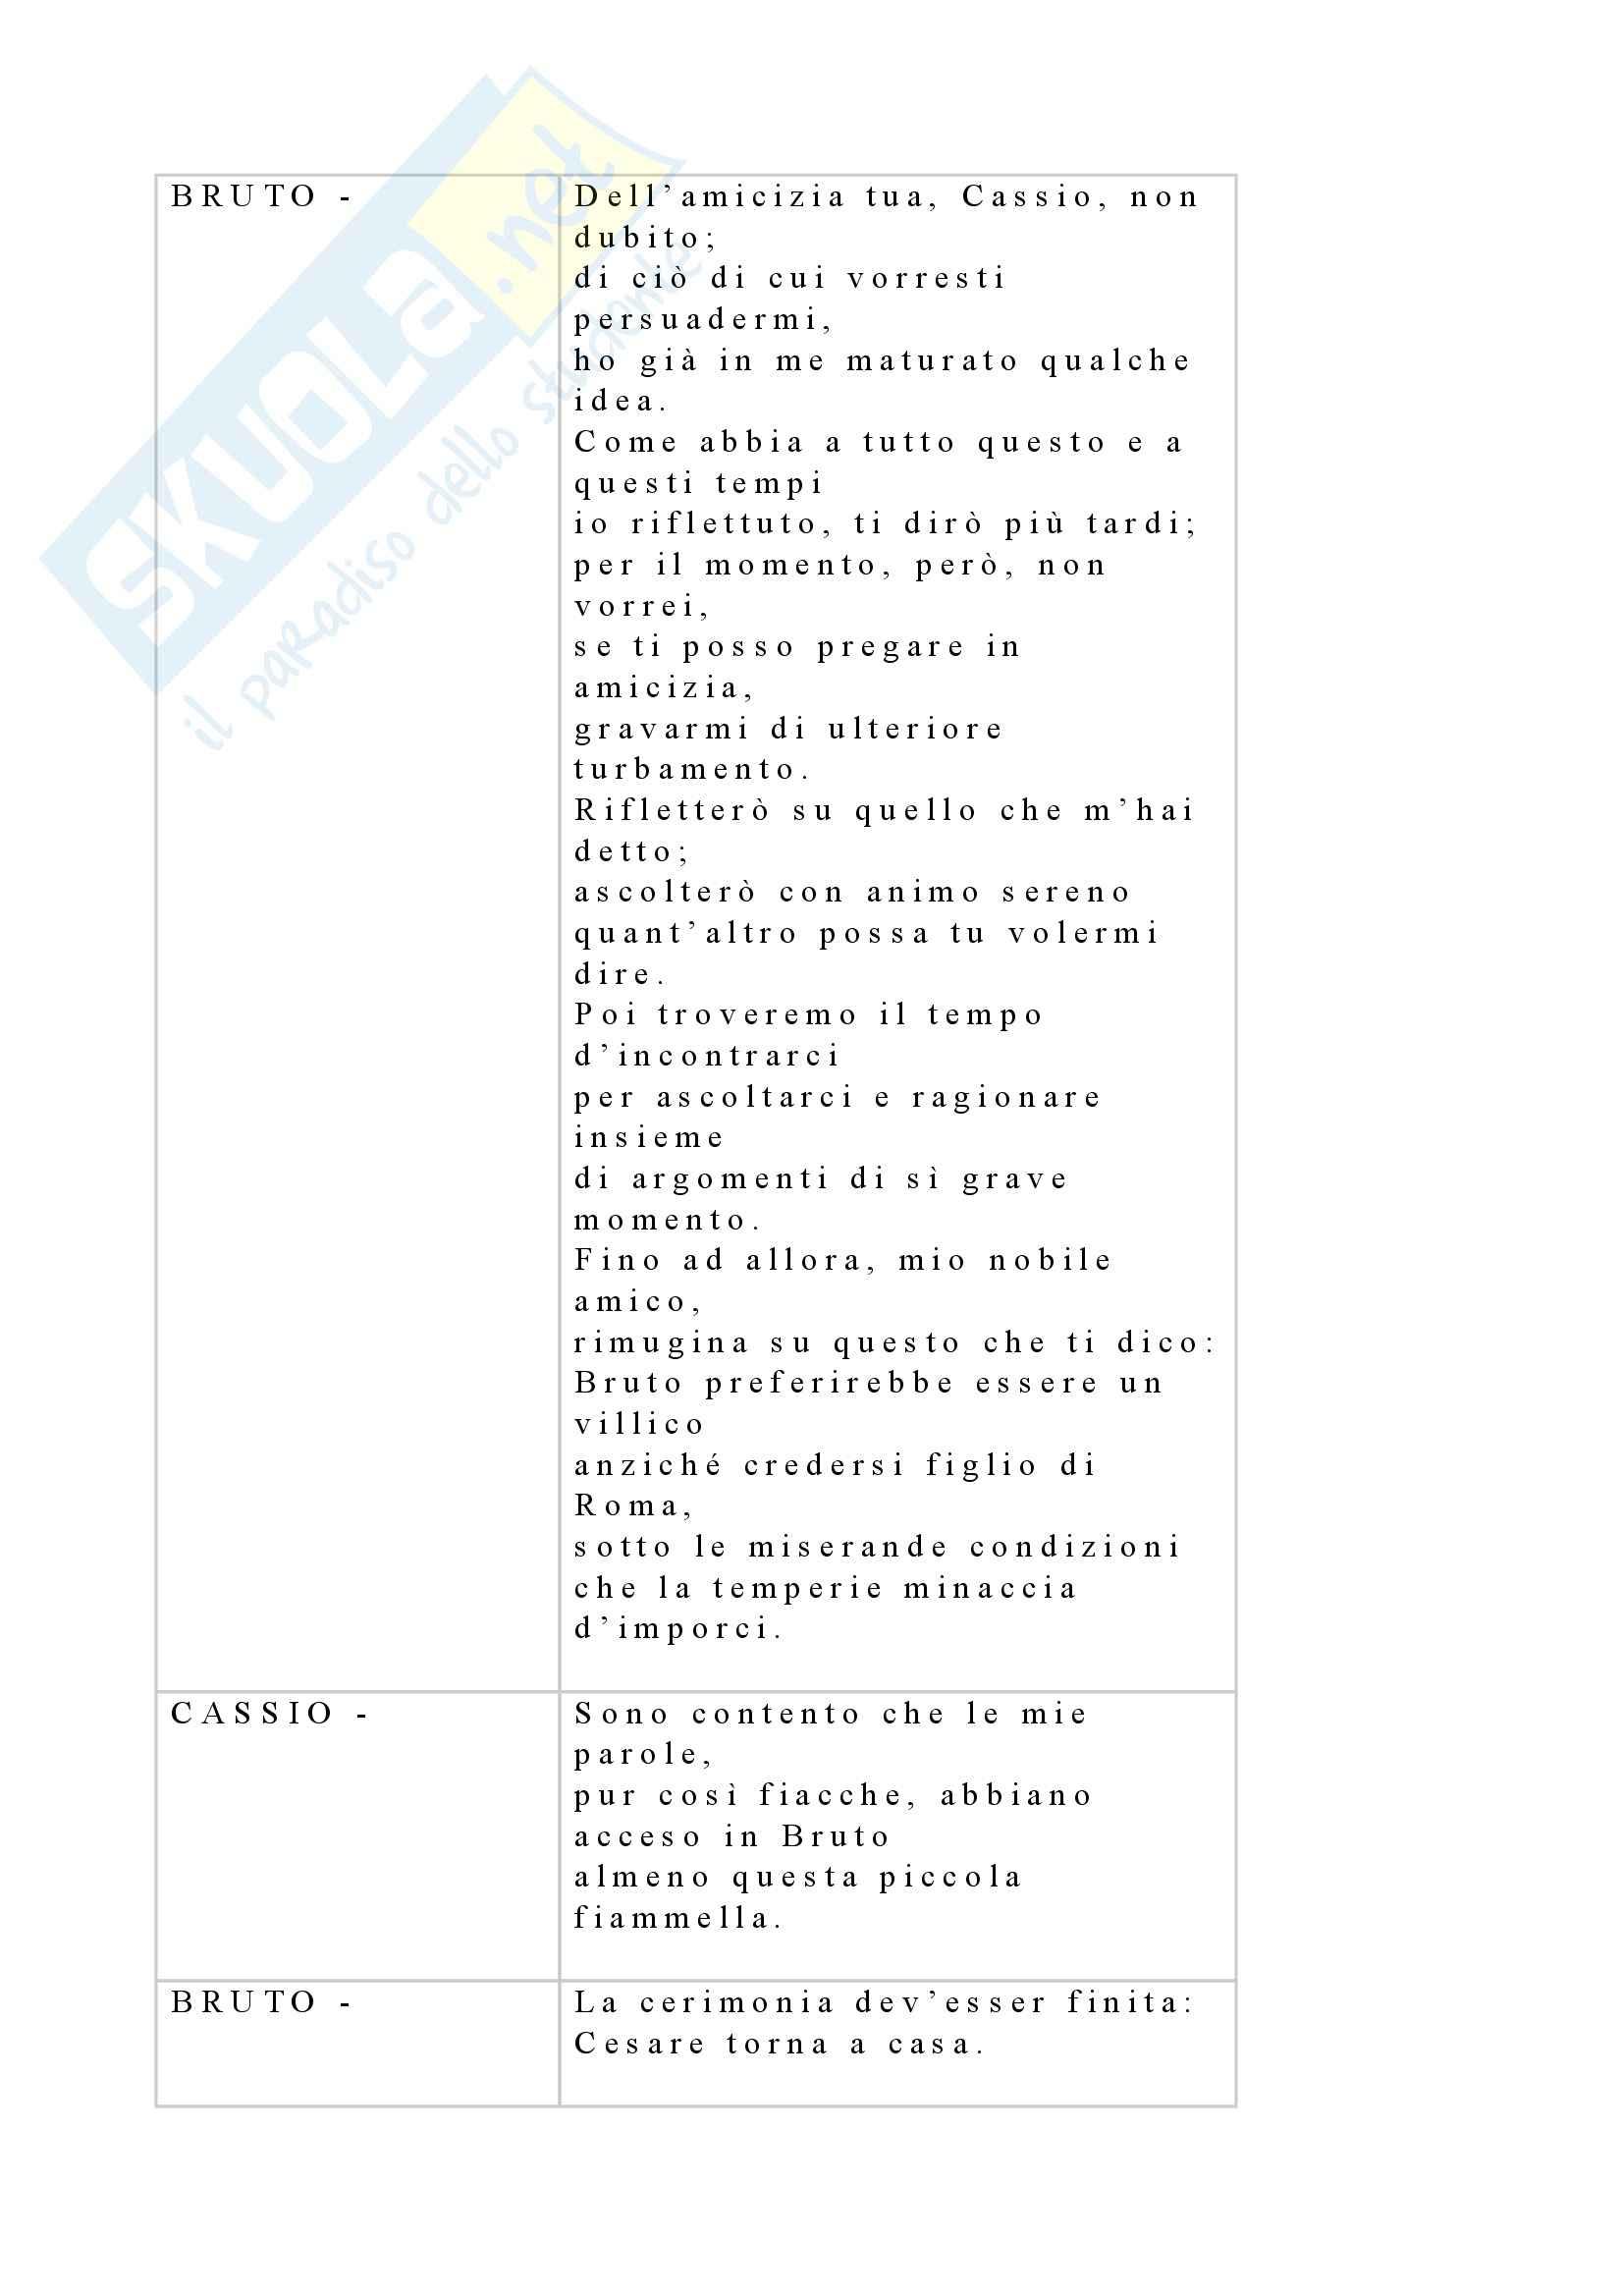 Tecniche espressive e composizione testi in italiano - Giulio Cesare - Shakespeare Pag. 21